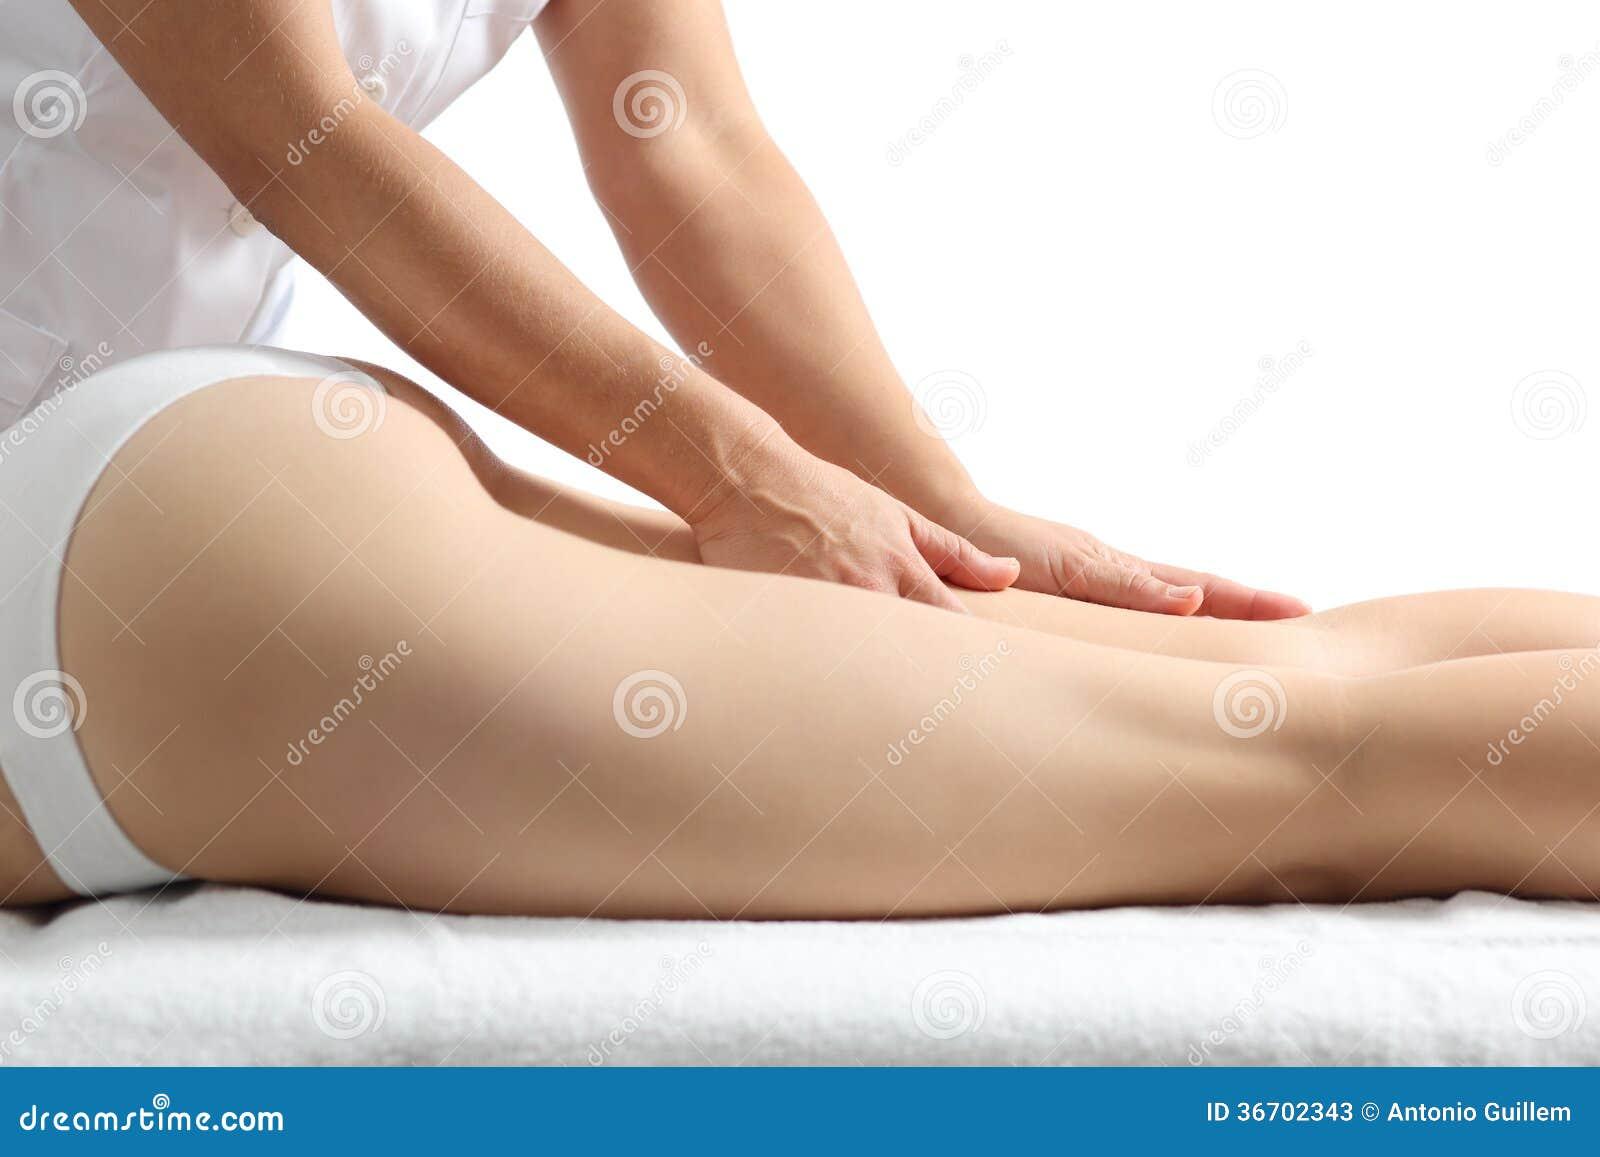 妇女腿的侧视图接受按摩疗法的